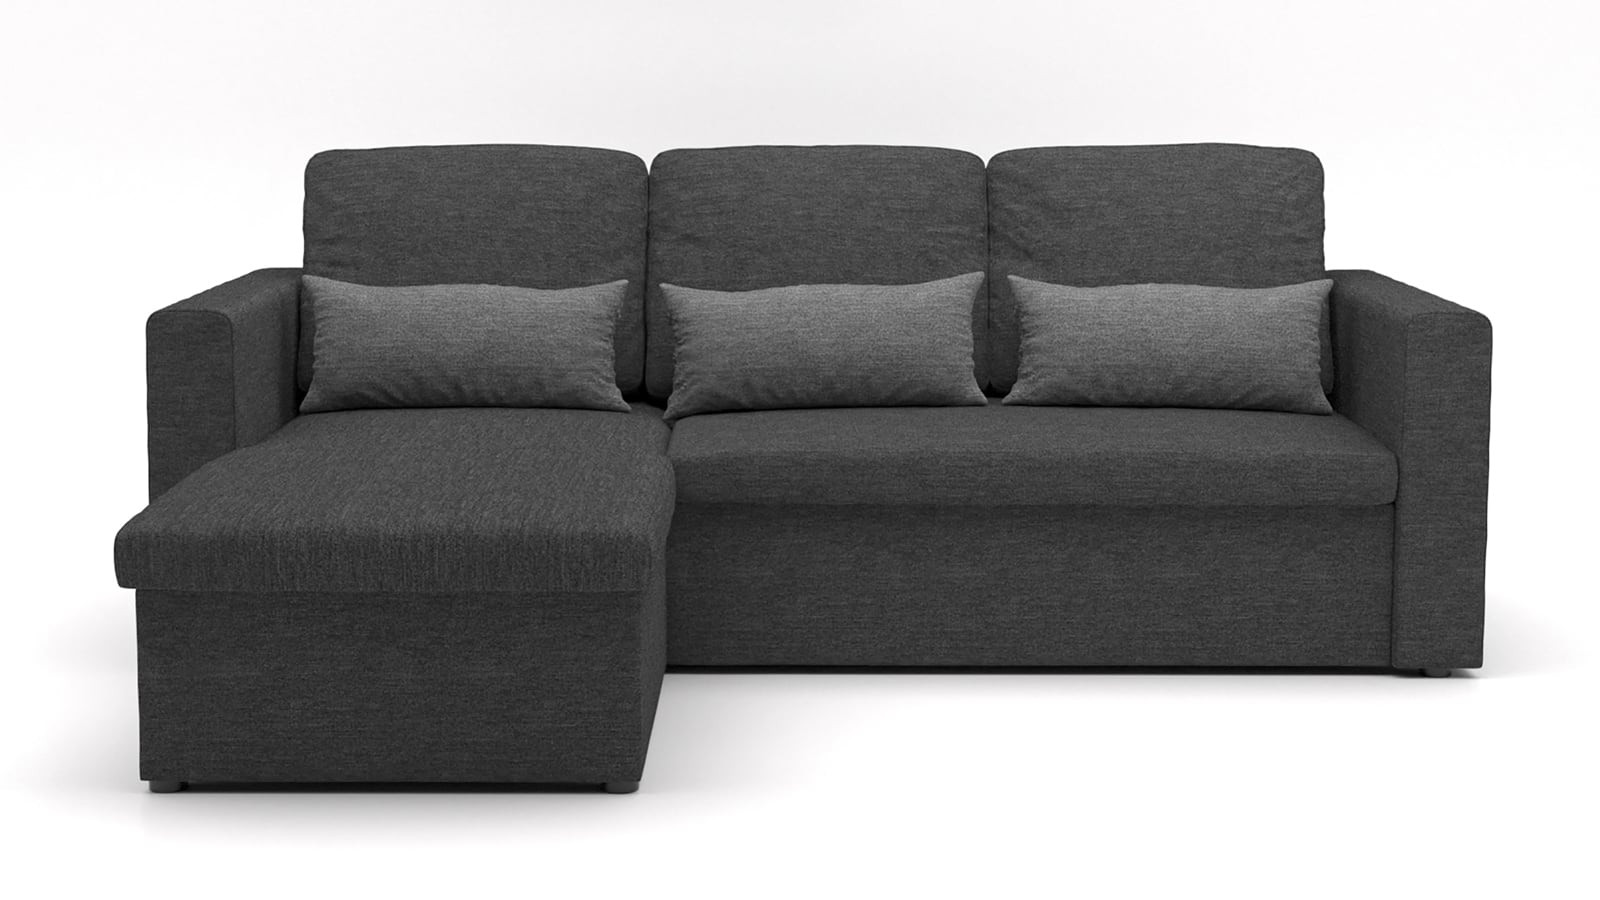 Canapé d'angle réversible convertible 3 places en tissu anthracite